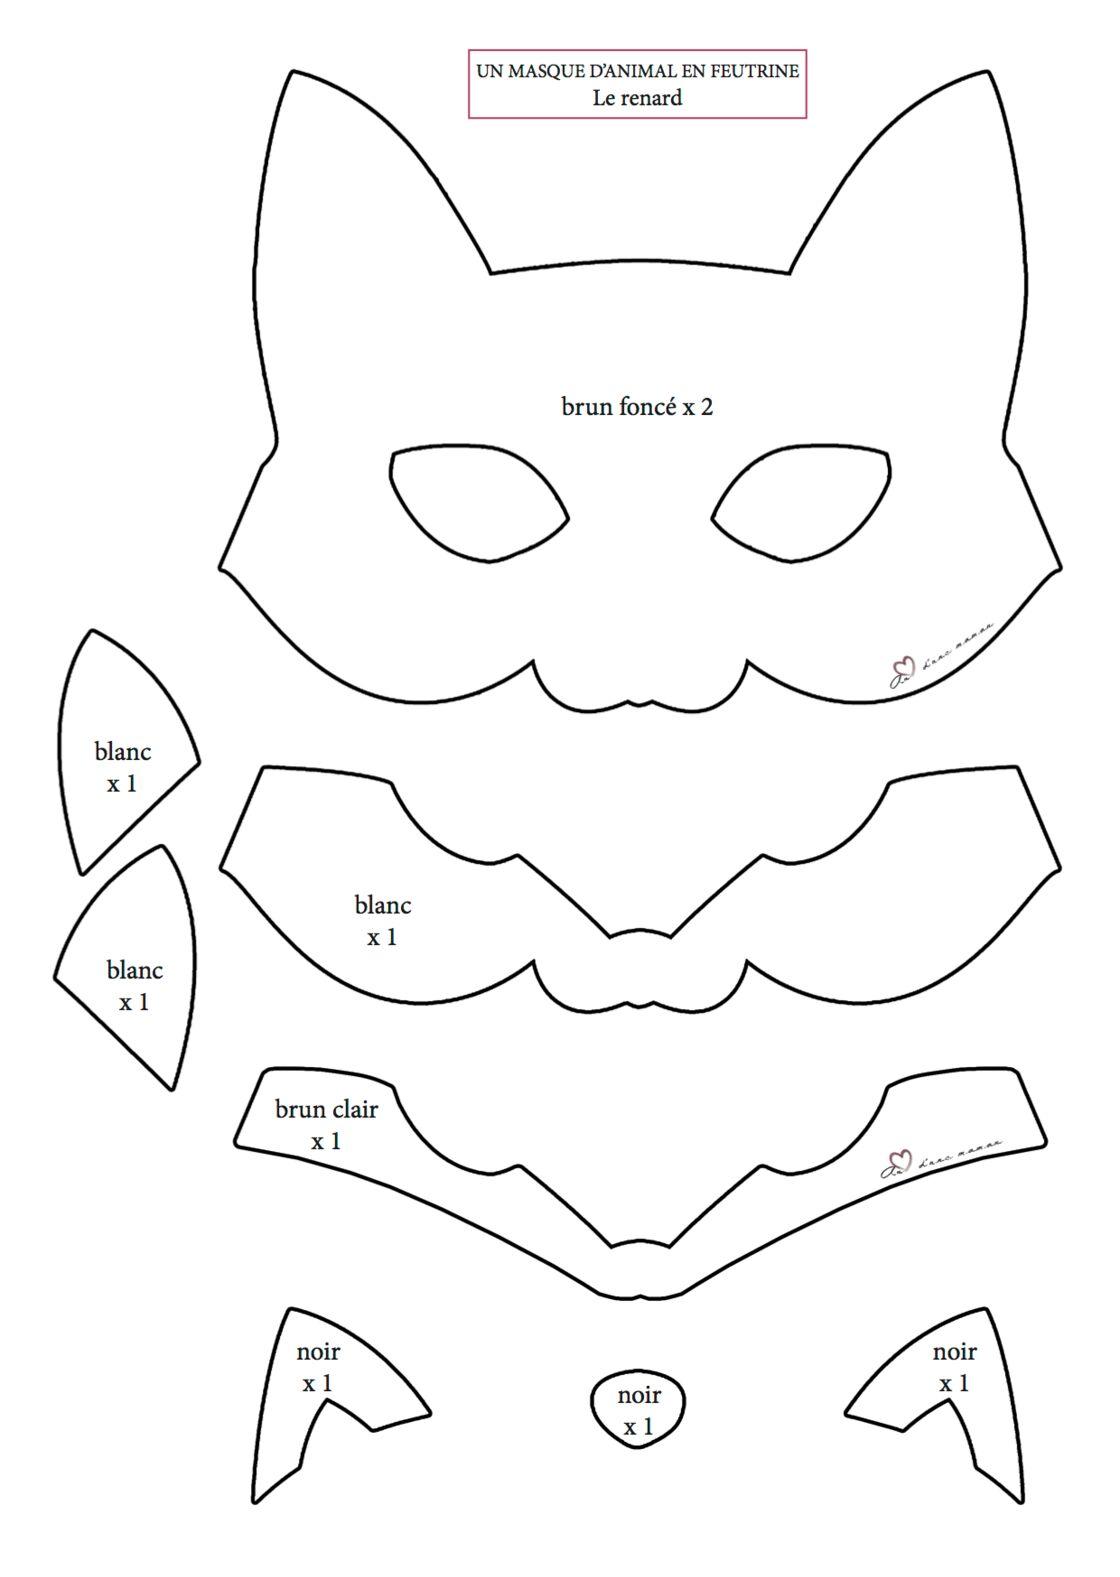 Couture Facile 2 Masques Animaux A Faire Avec Les Enfants Femme Actuelle Le Mag